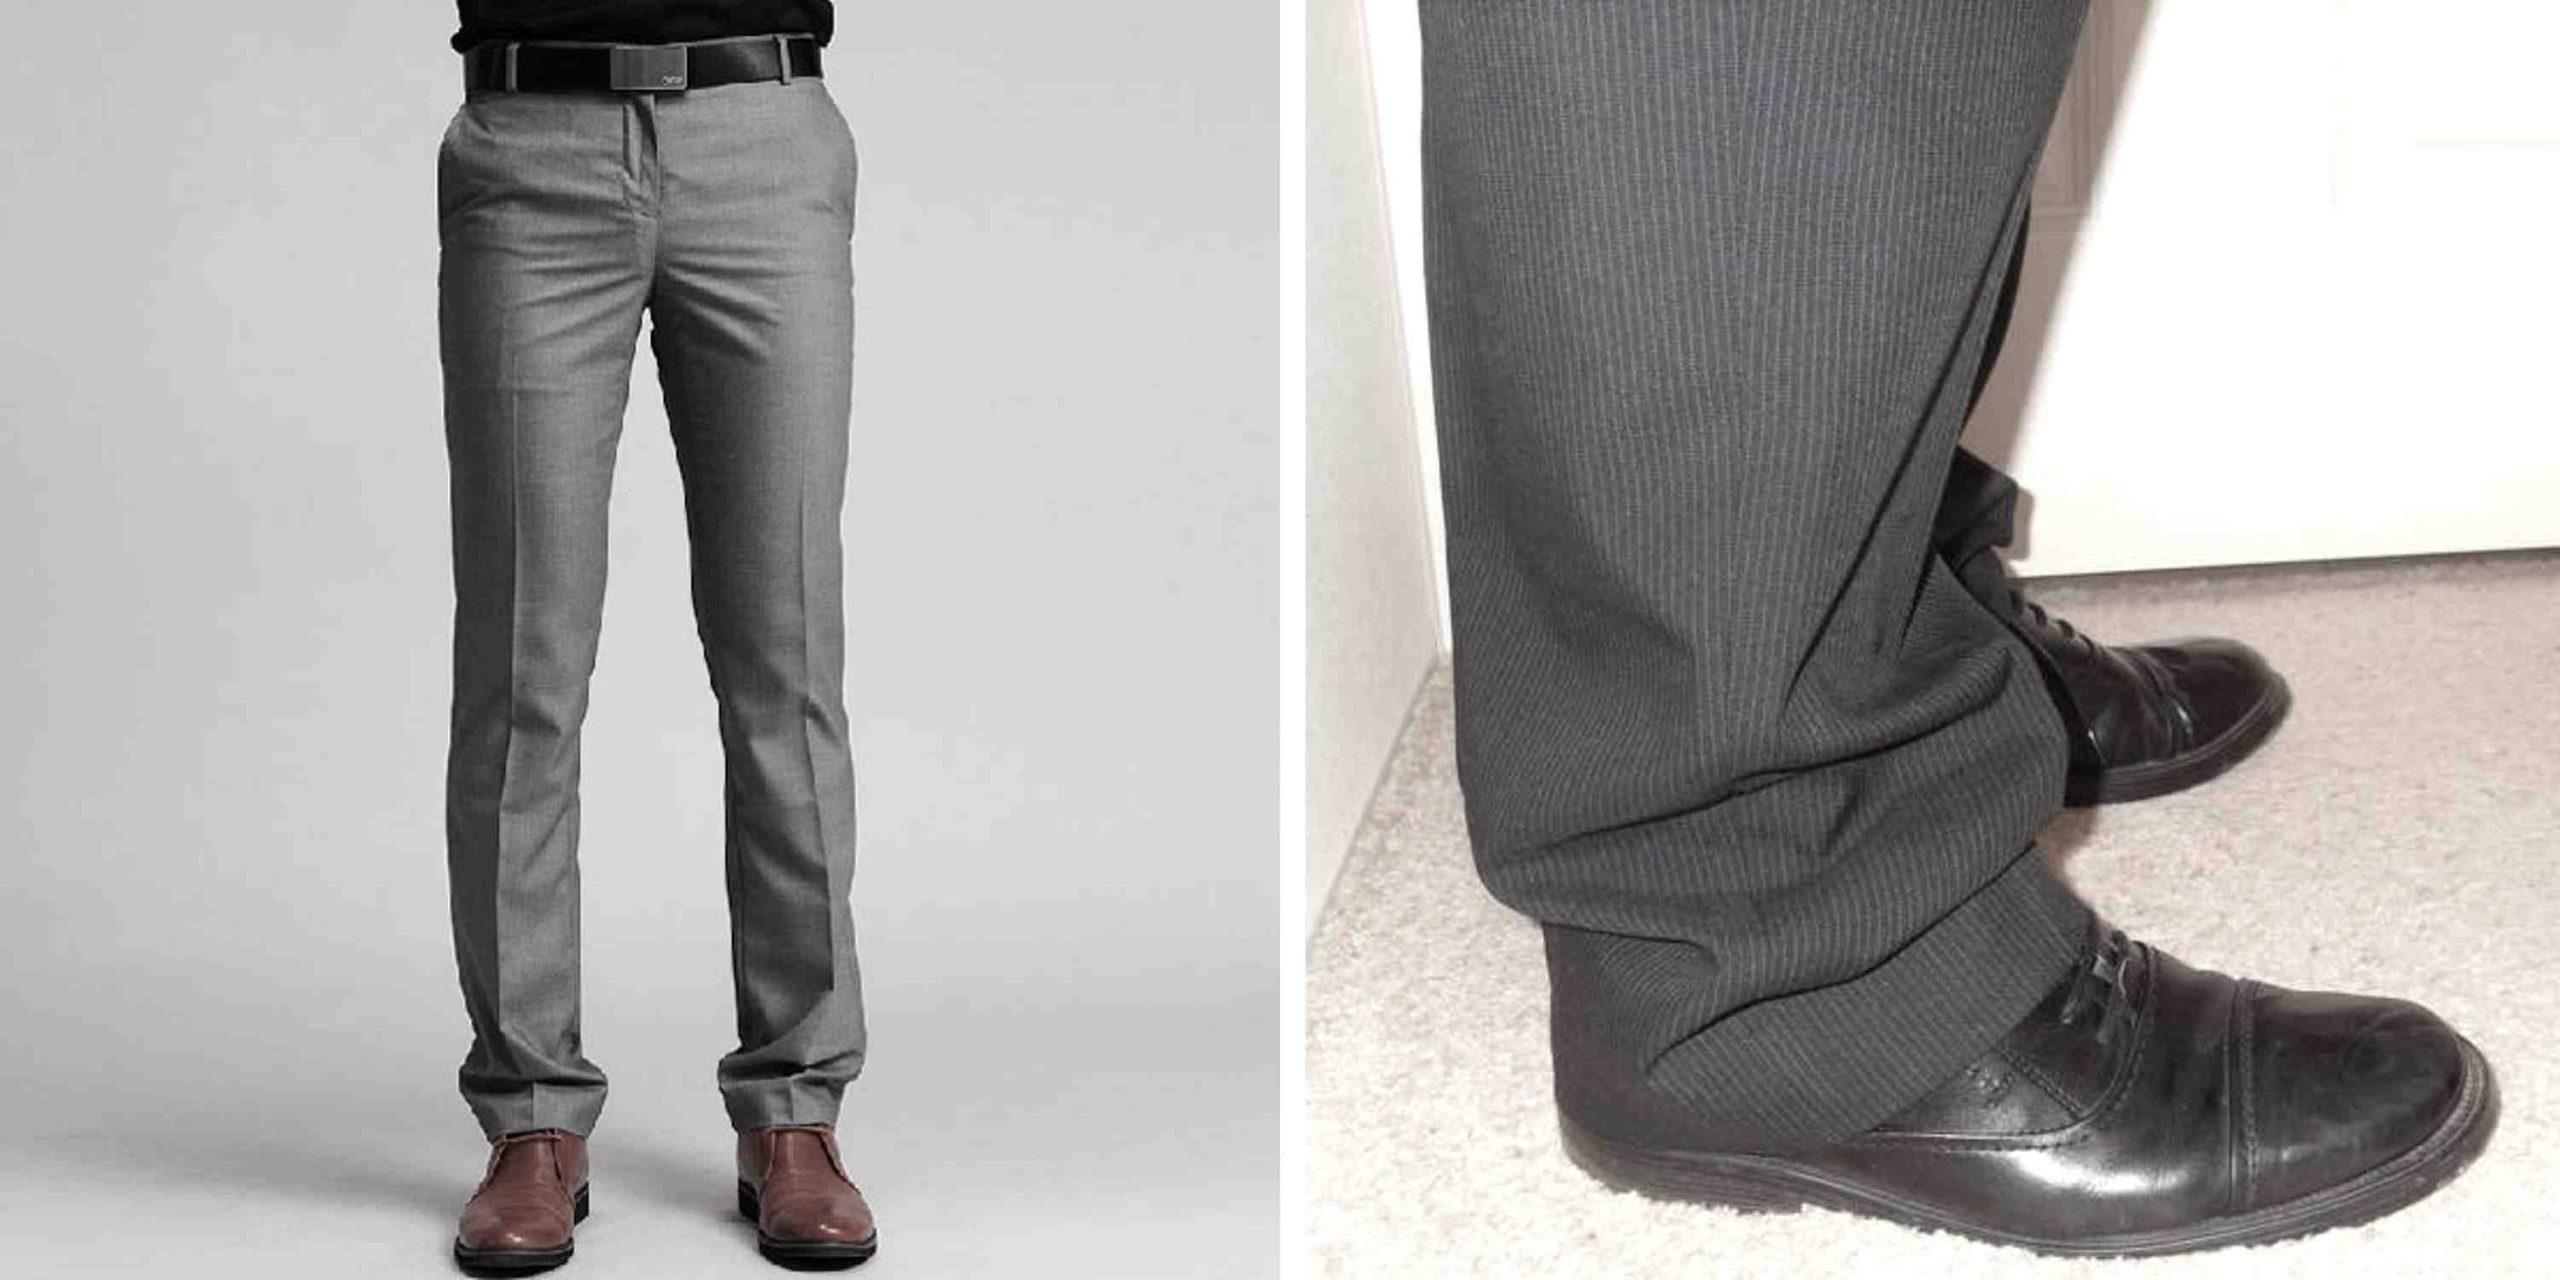 Comment ourler les pantalons pour hommes?